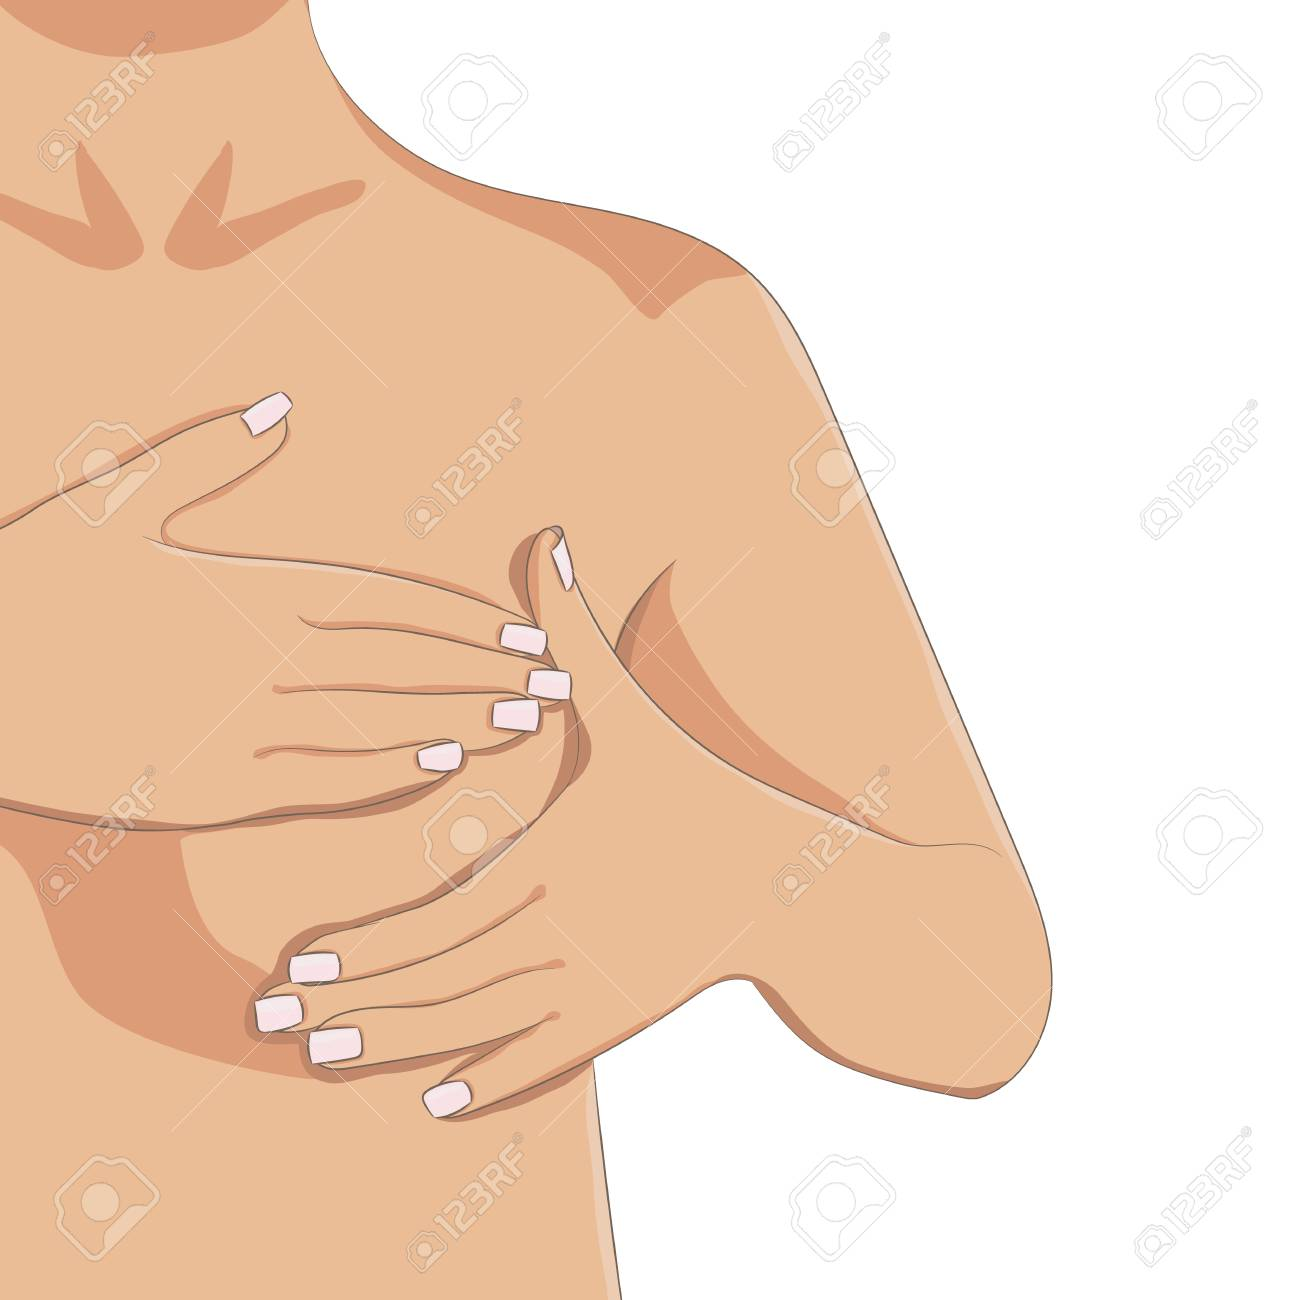 Hände, Die Monatsbrust-Selbstuntersuchung Durchführen. Weibliche ...